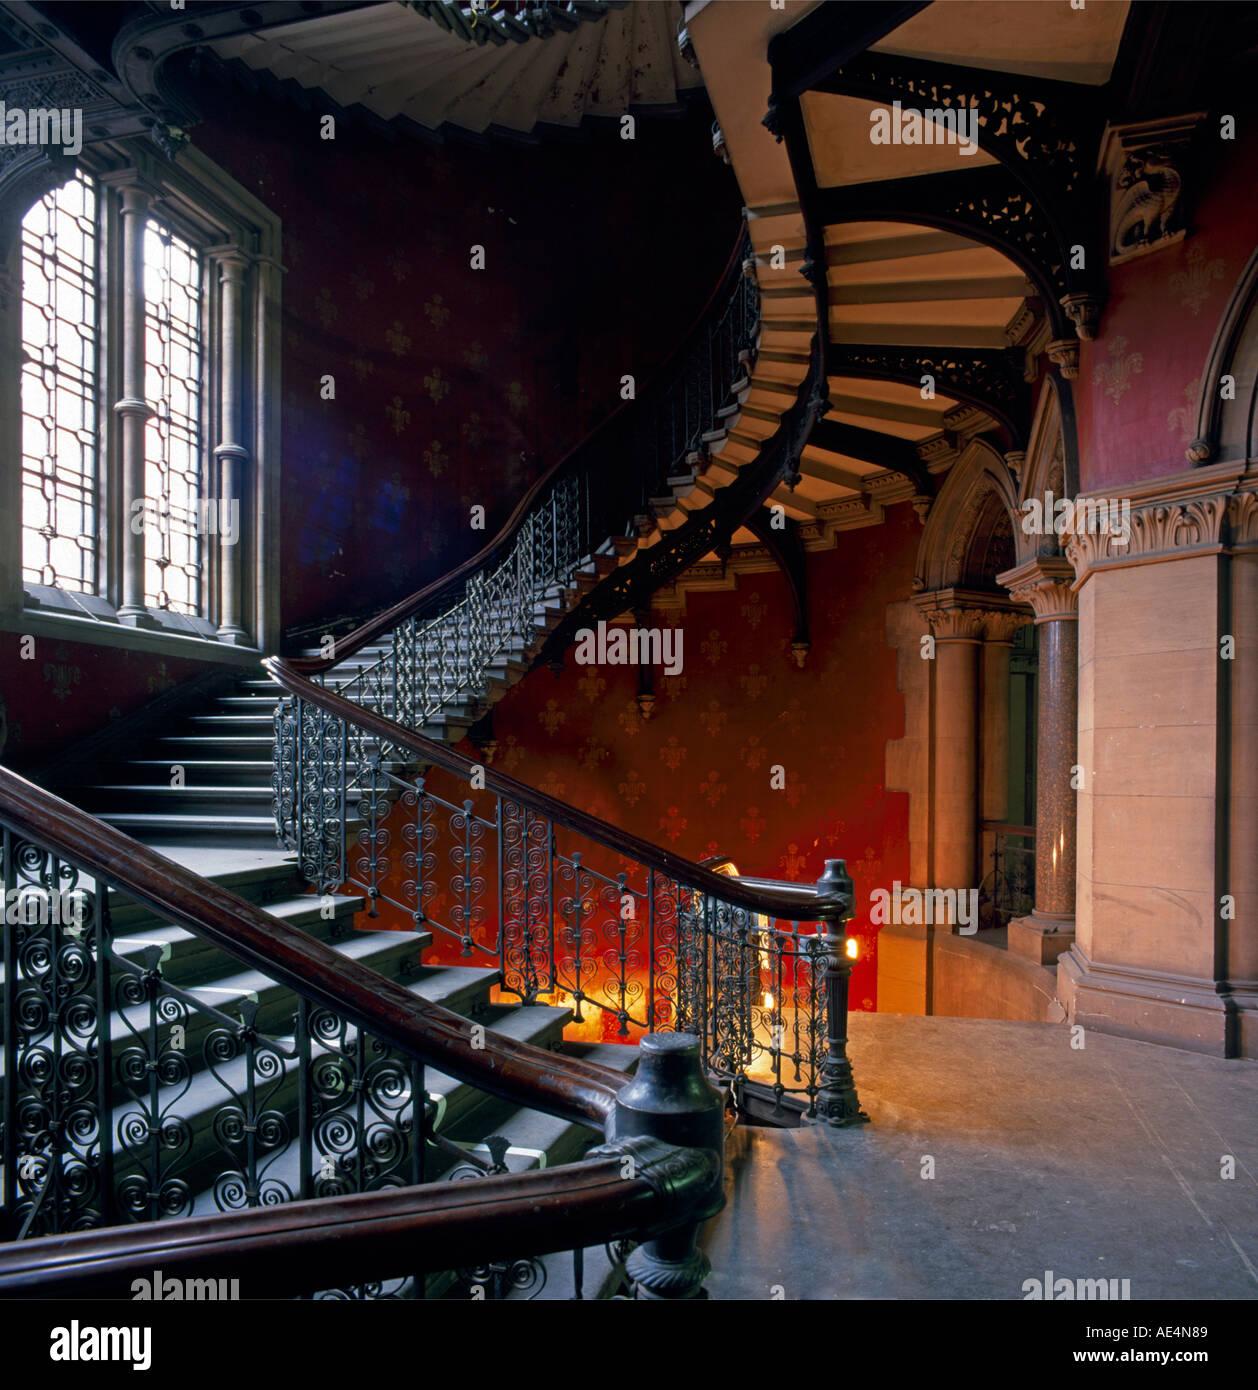 Viktorianischen gotischen Freitreppe in St Pancras Chambers London NW1 England Stockfoto